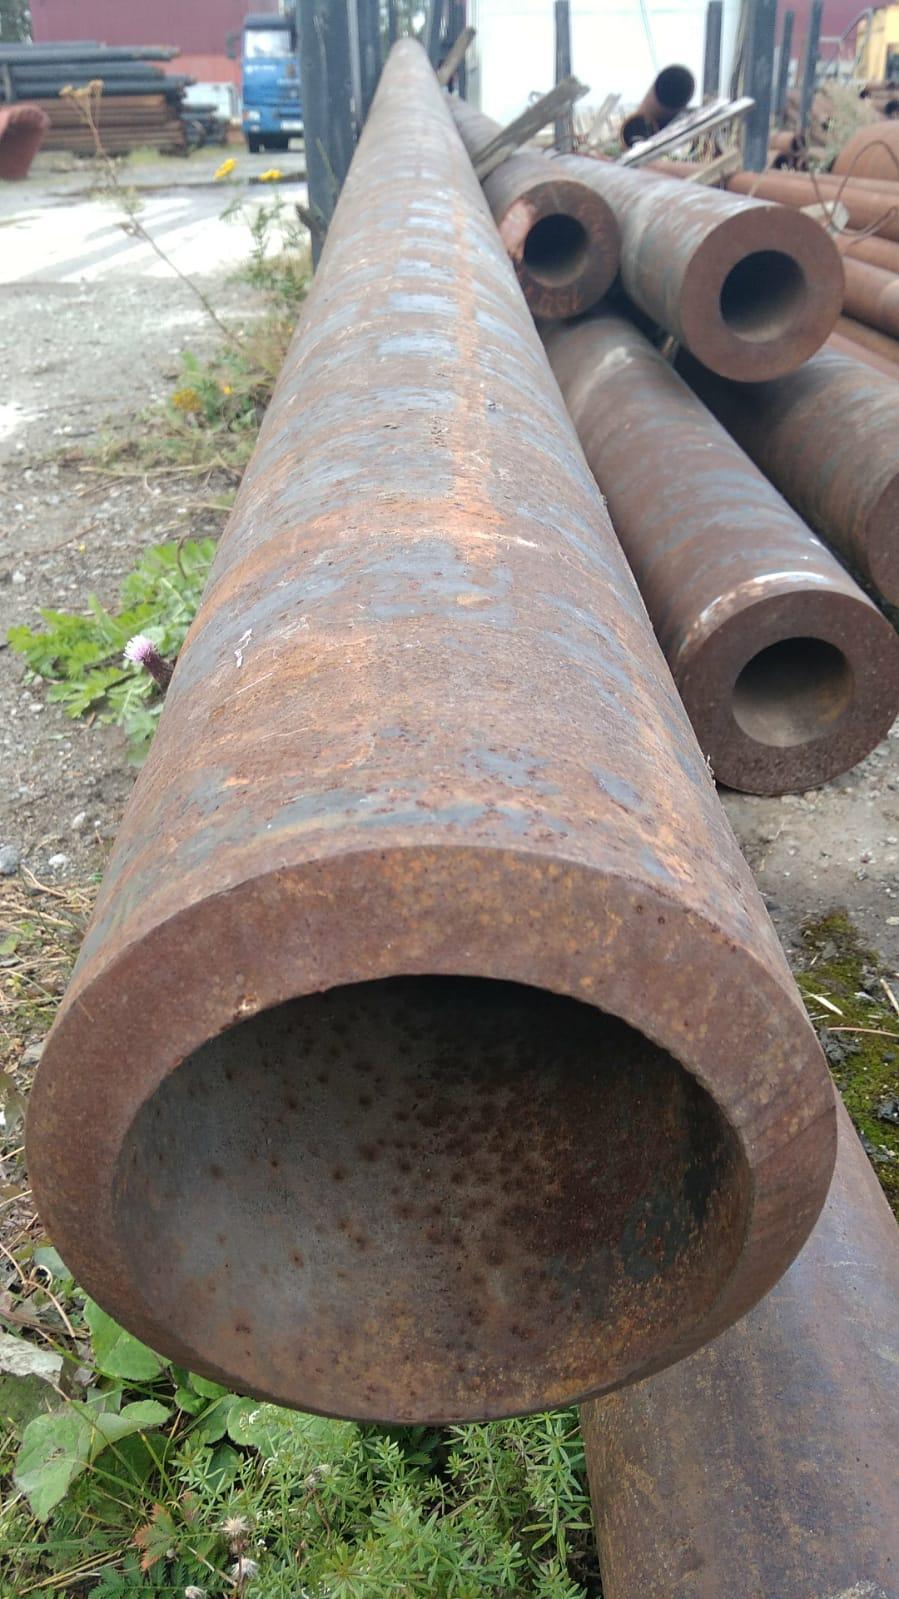 Продам трубу 168*20 толстостенную стальную бесшовную ГОСТ 8732-78 от 1 метра.